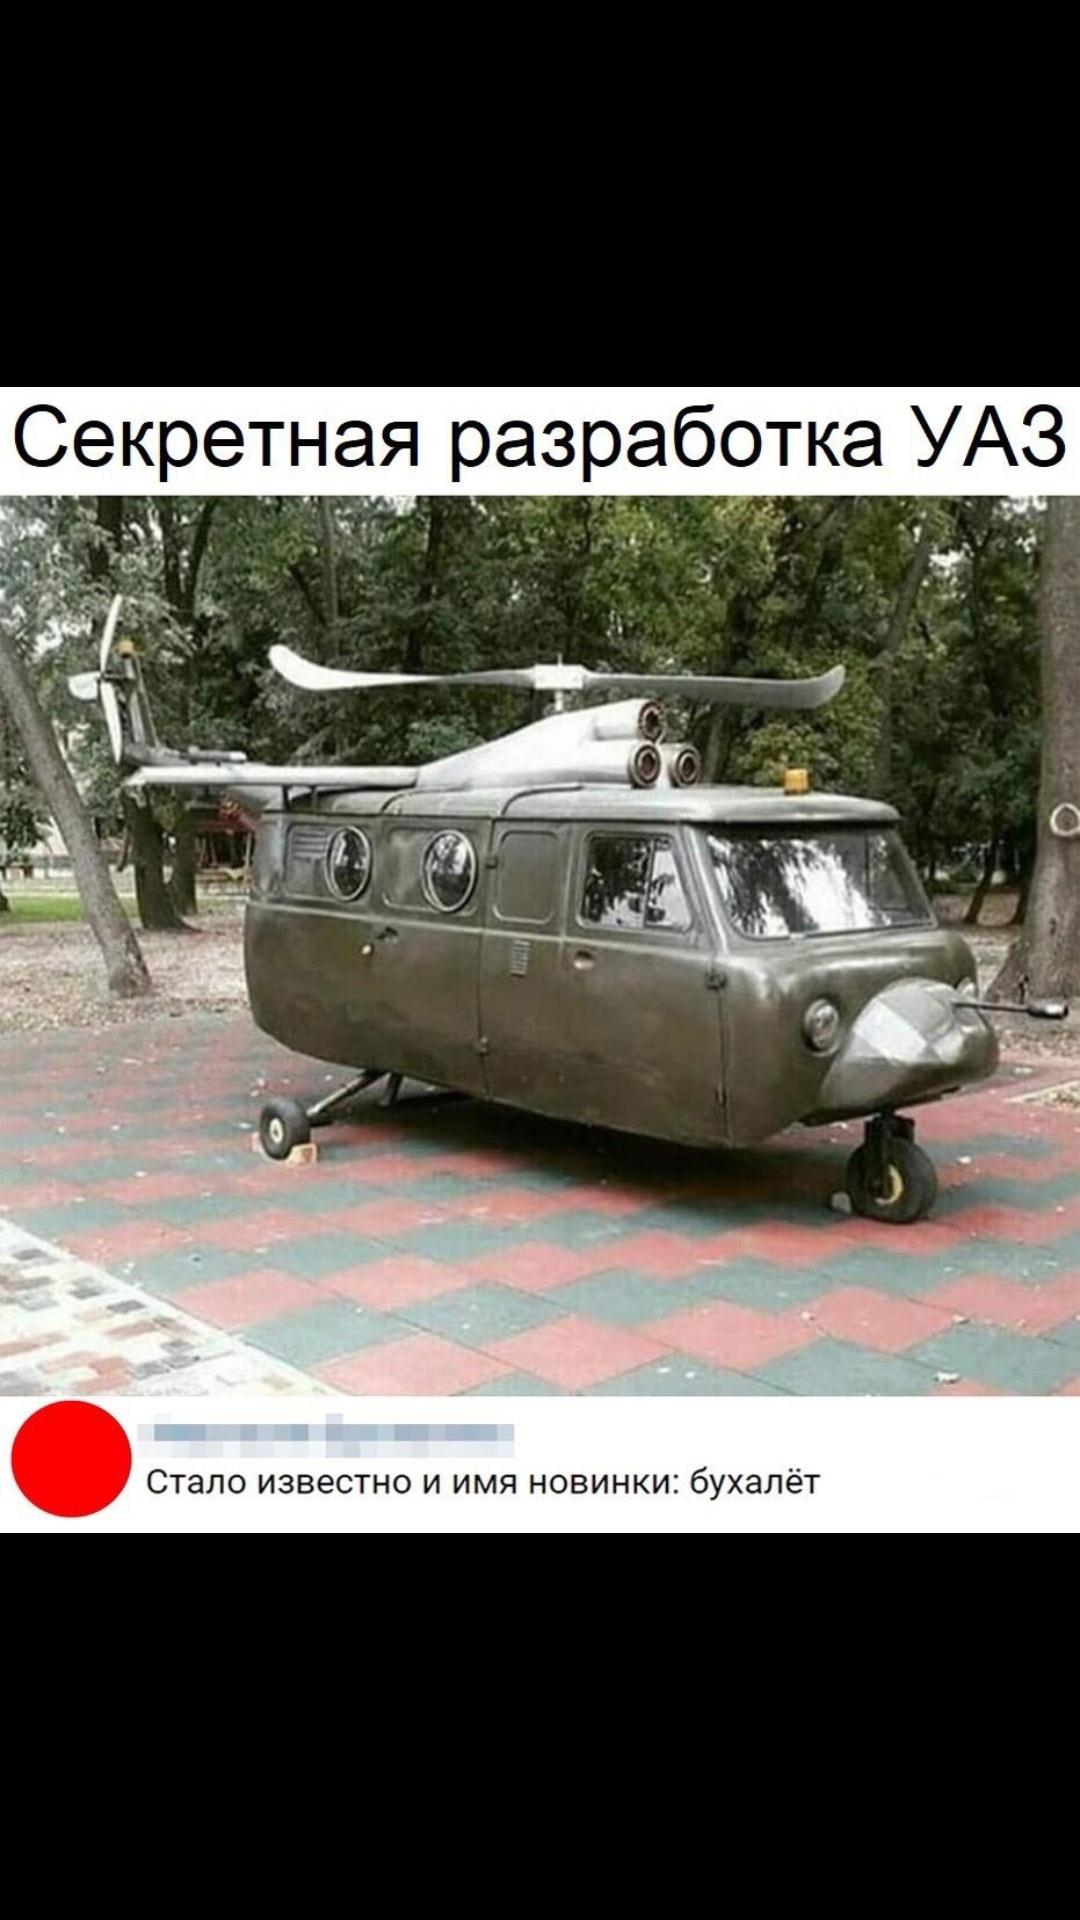 https://pp.userapi.com/c846020/v846020980/14ae68/_M-R2HsOeDg.jpg